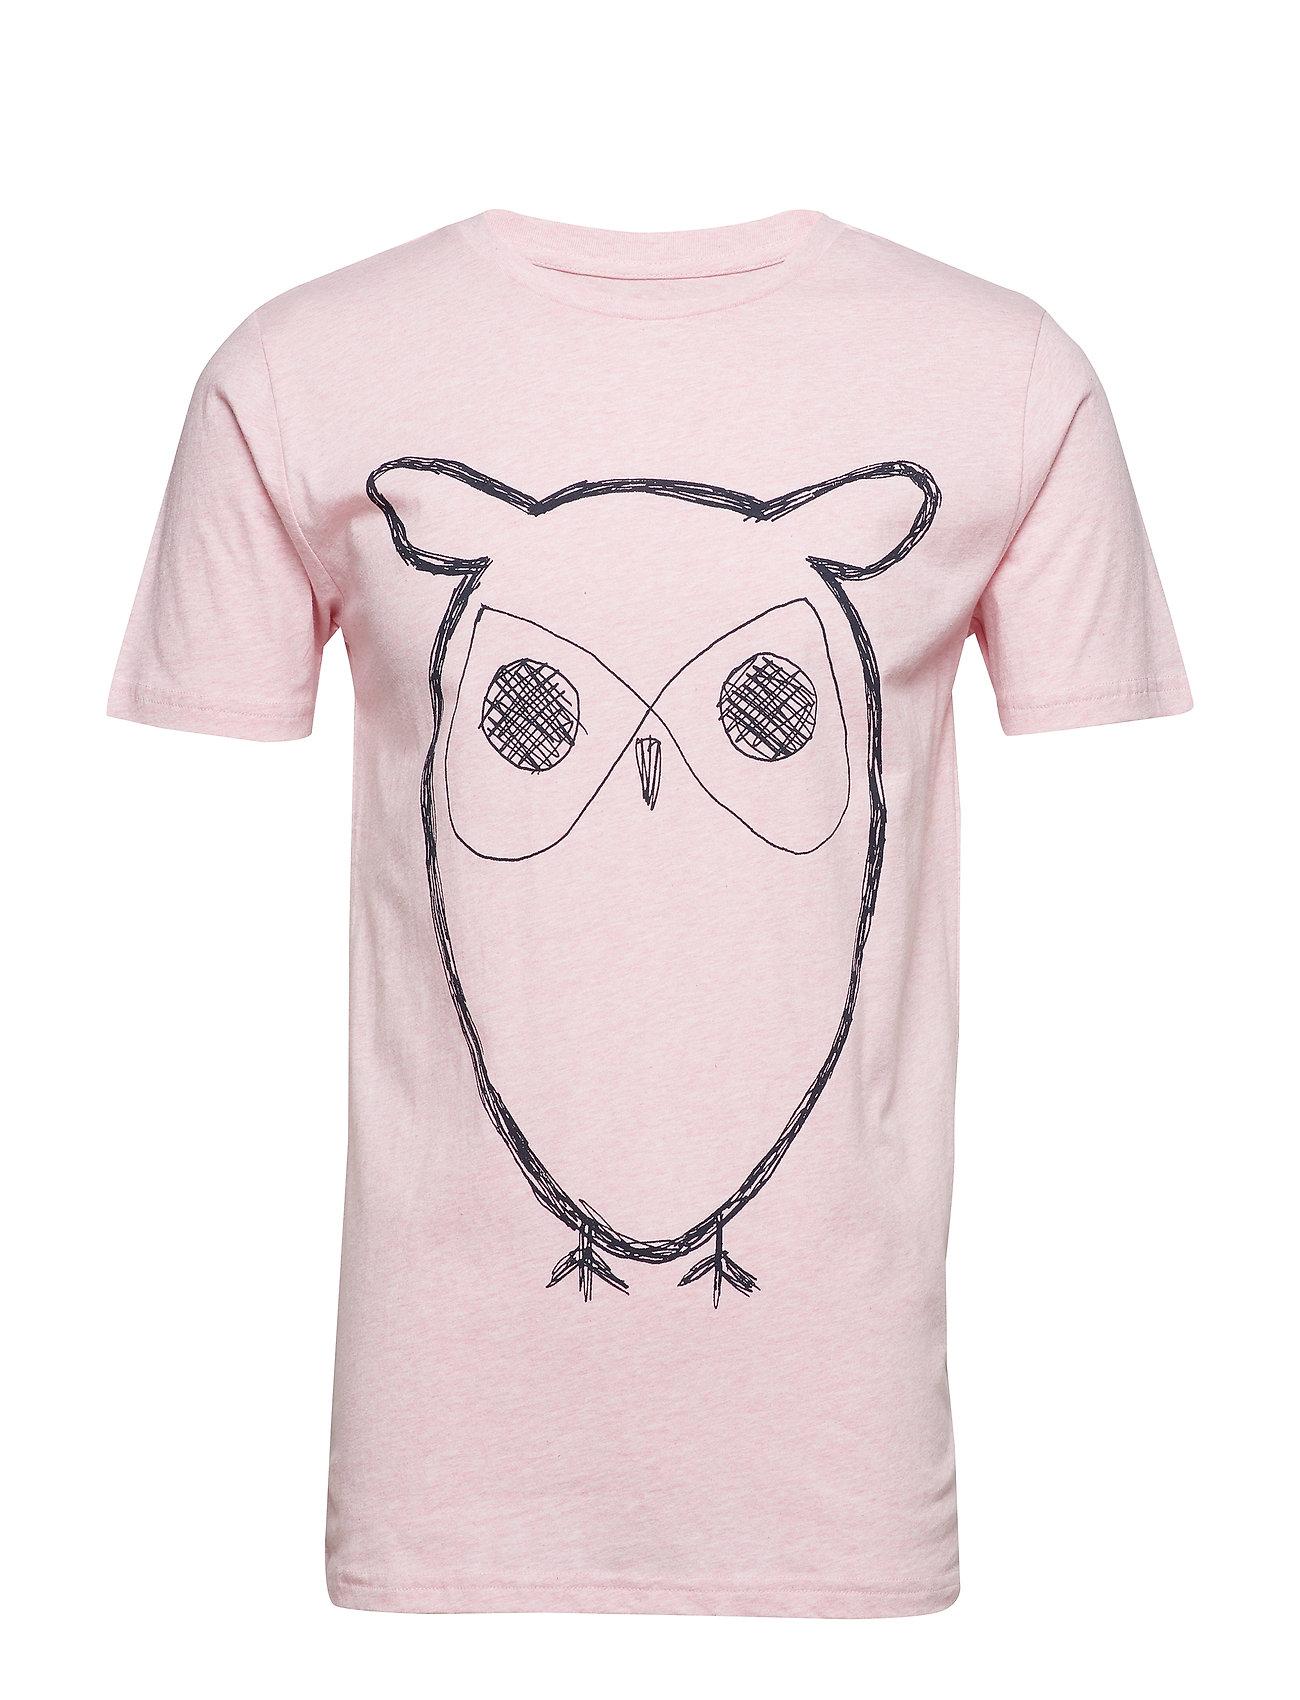 Knowledge Cotton Apparel ALDER big owl tee - GOTS/Vegan - PINK MELANGE